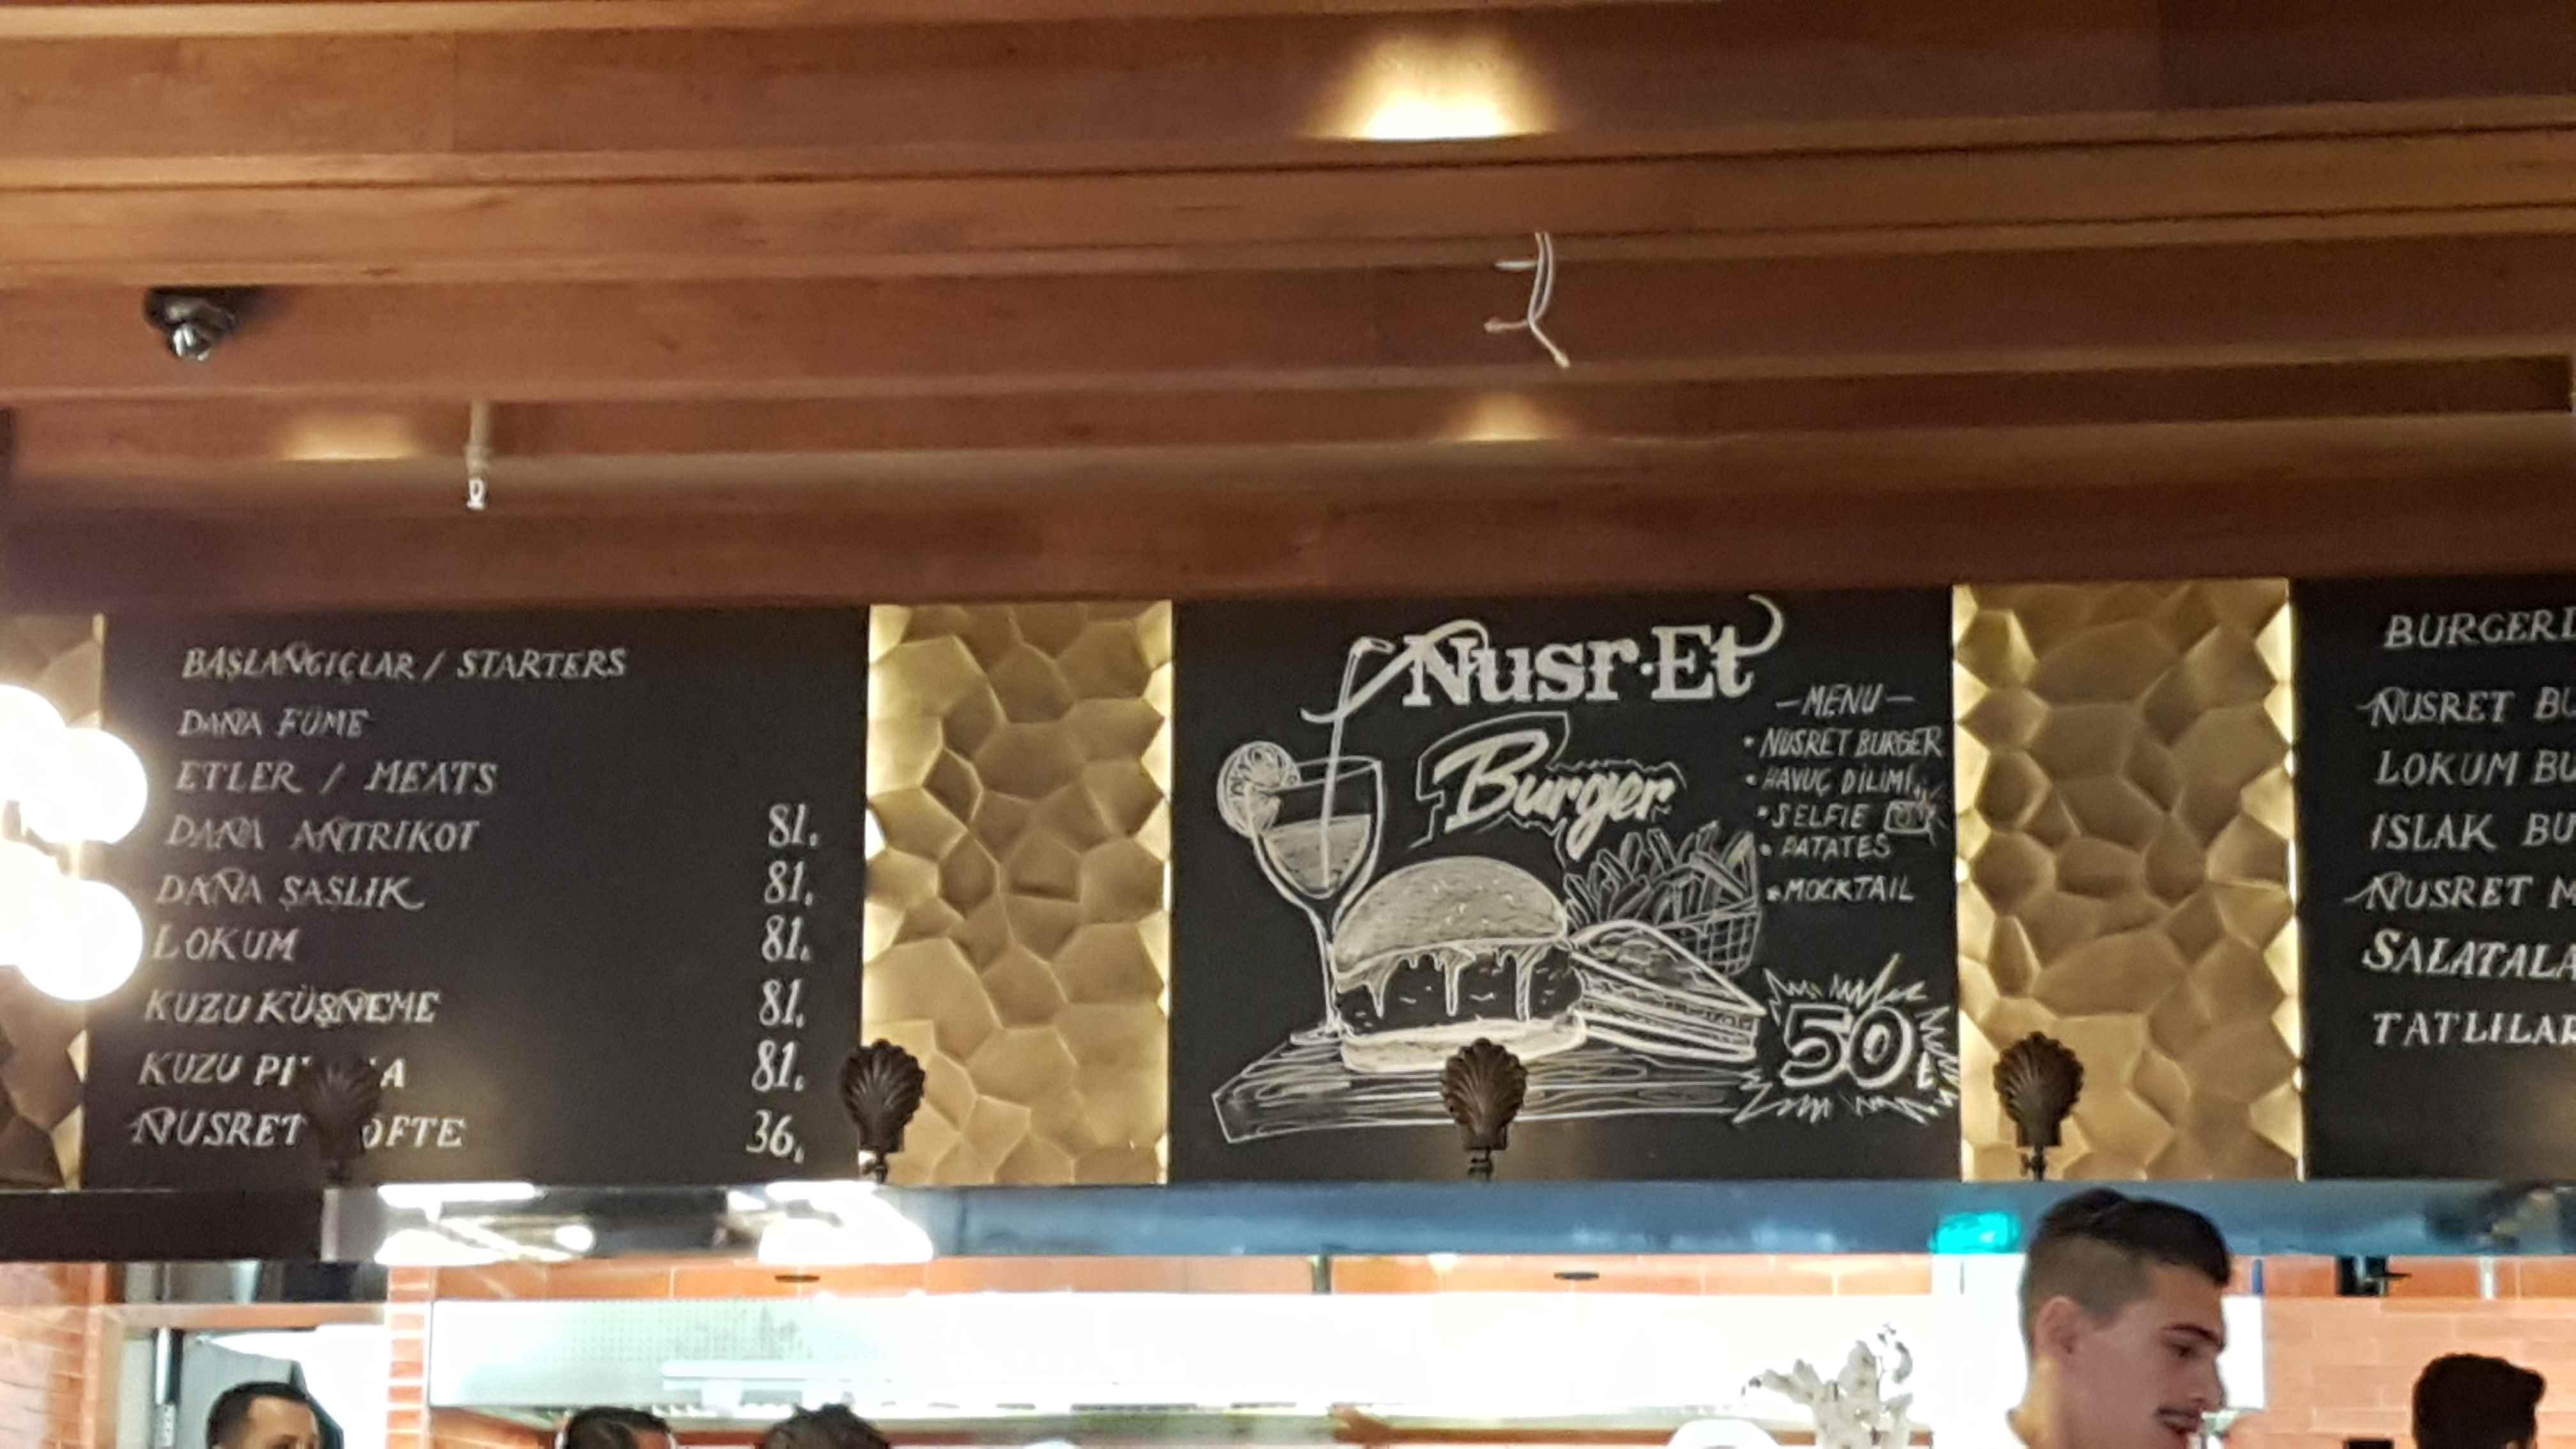 yesempatik-nusret-burger-kanyon-saltbae-menu